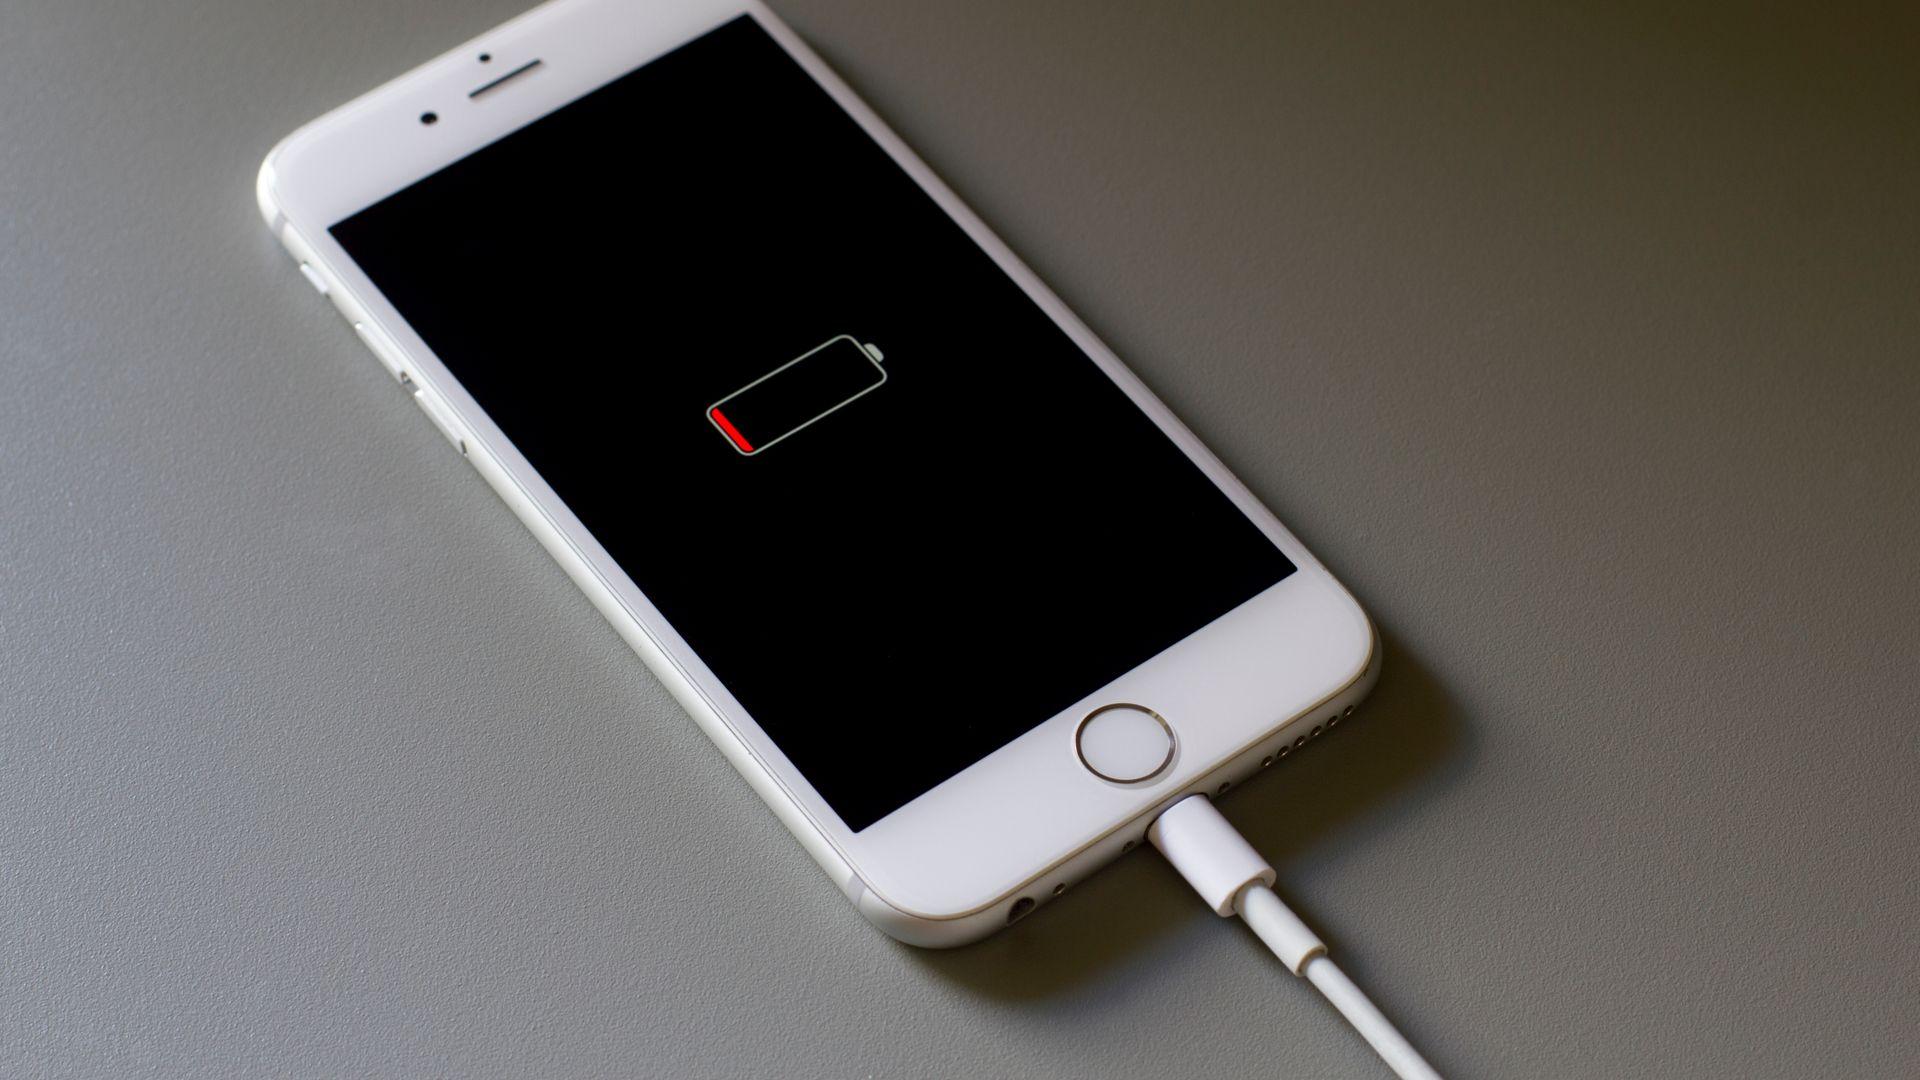 Bateria é um dos pontos fracos do iPhone 6S. (Imagem: Tada Images/Shutterstock)